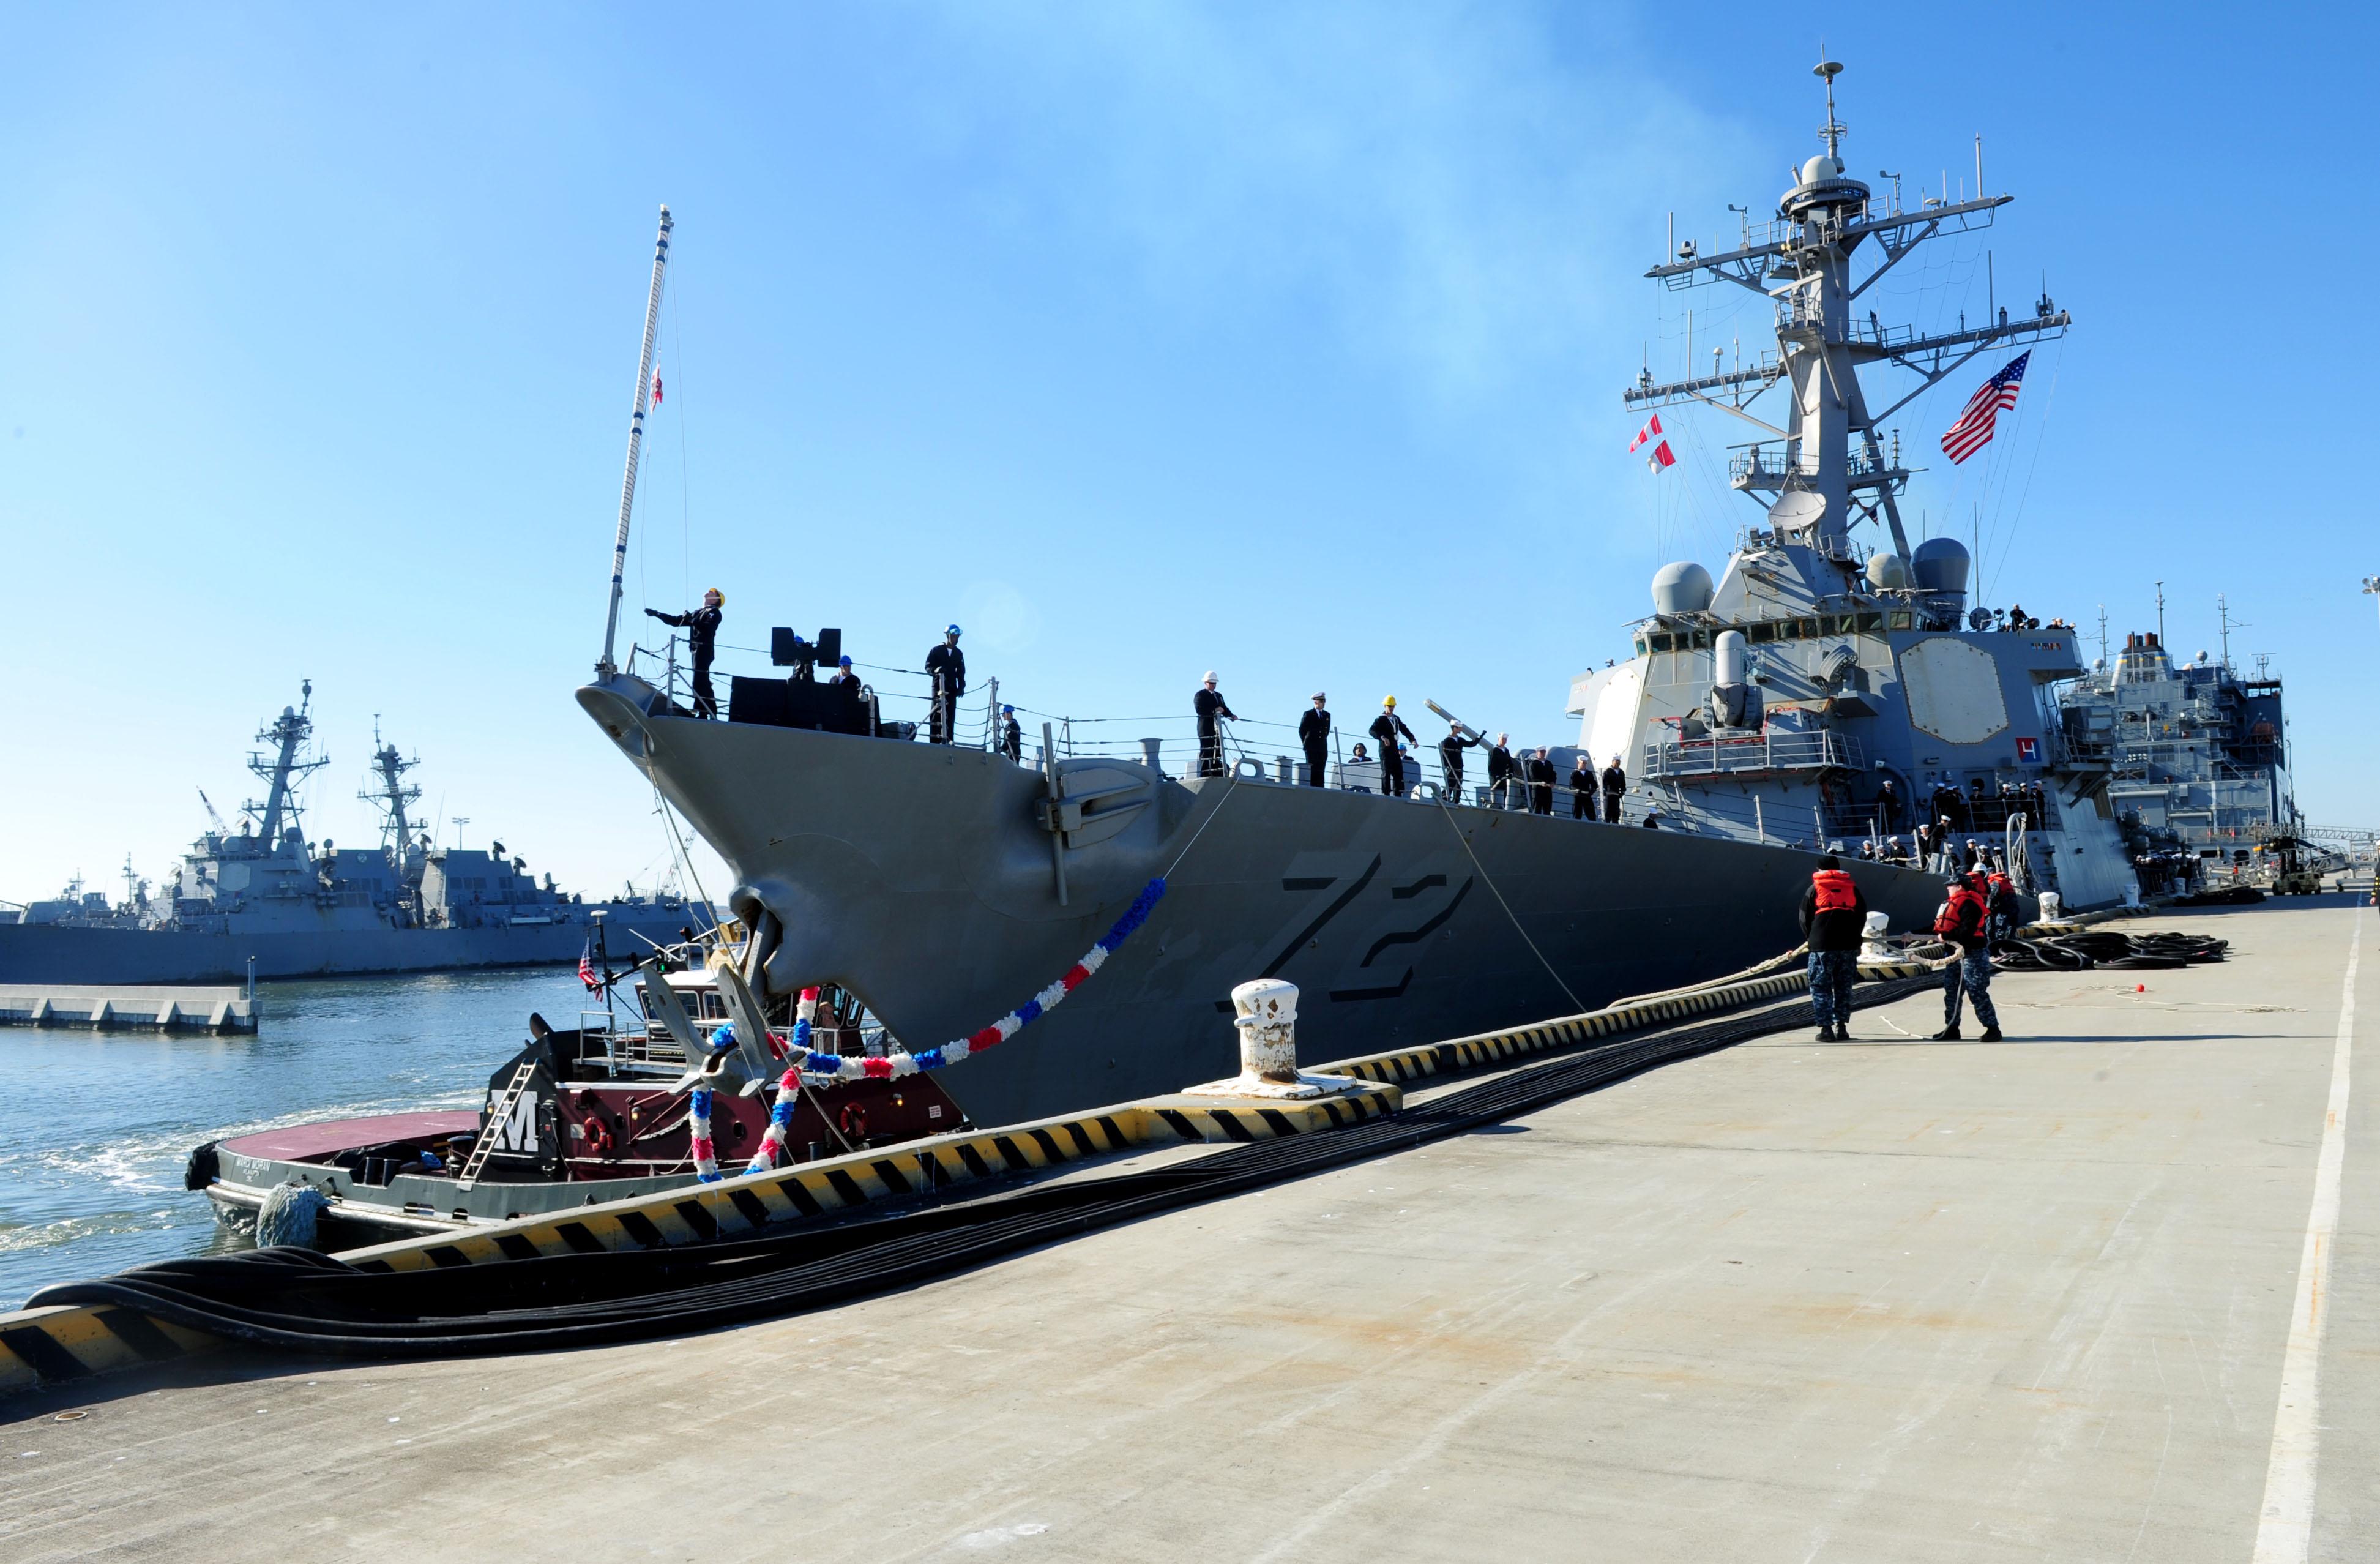 USS MAHAN DDG-72 Einlaufen Norfolk am 10.01.2015 Bild: U.S. Navy